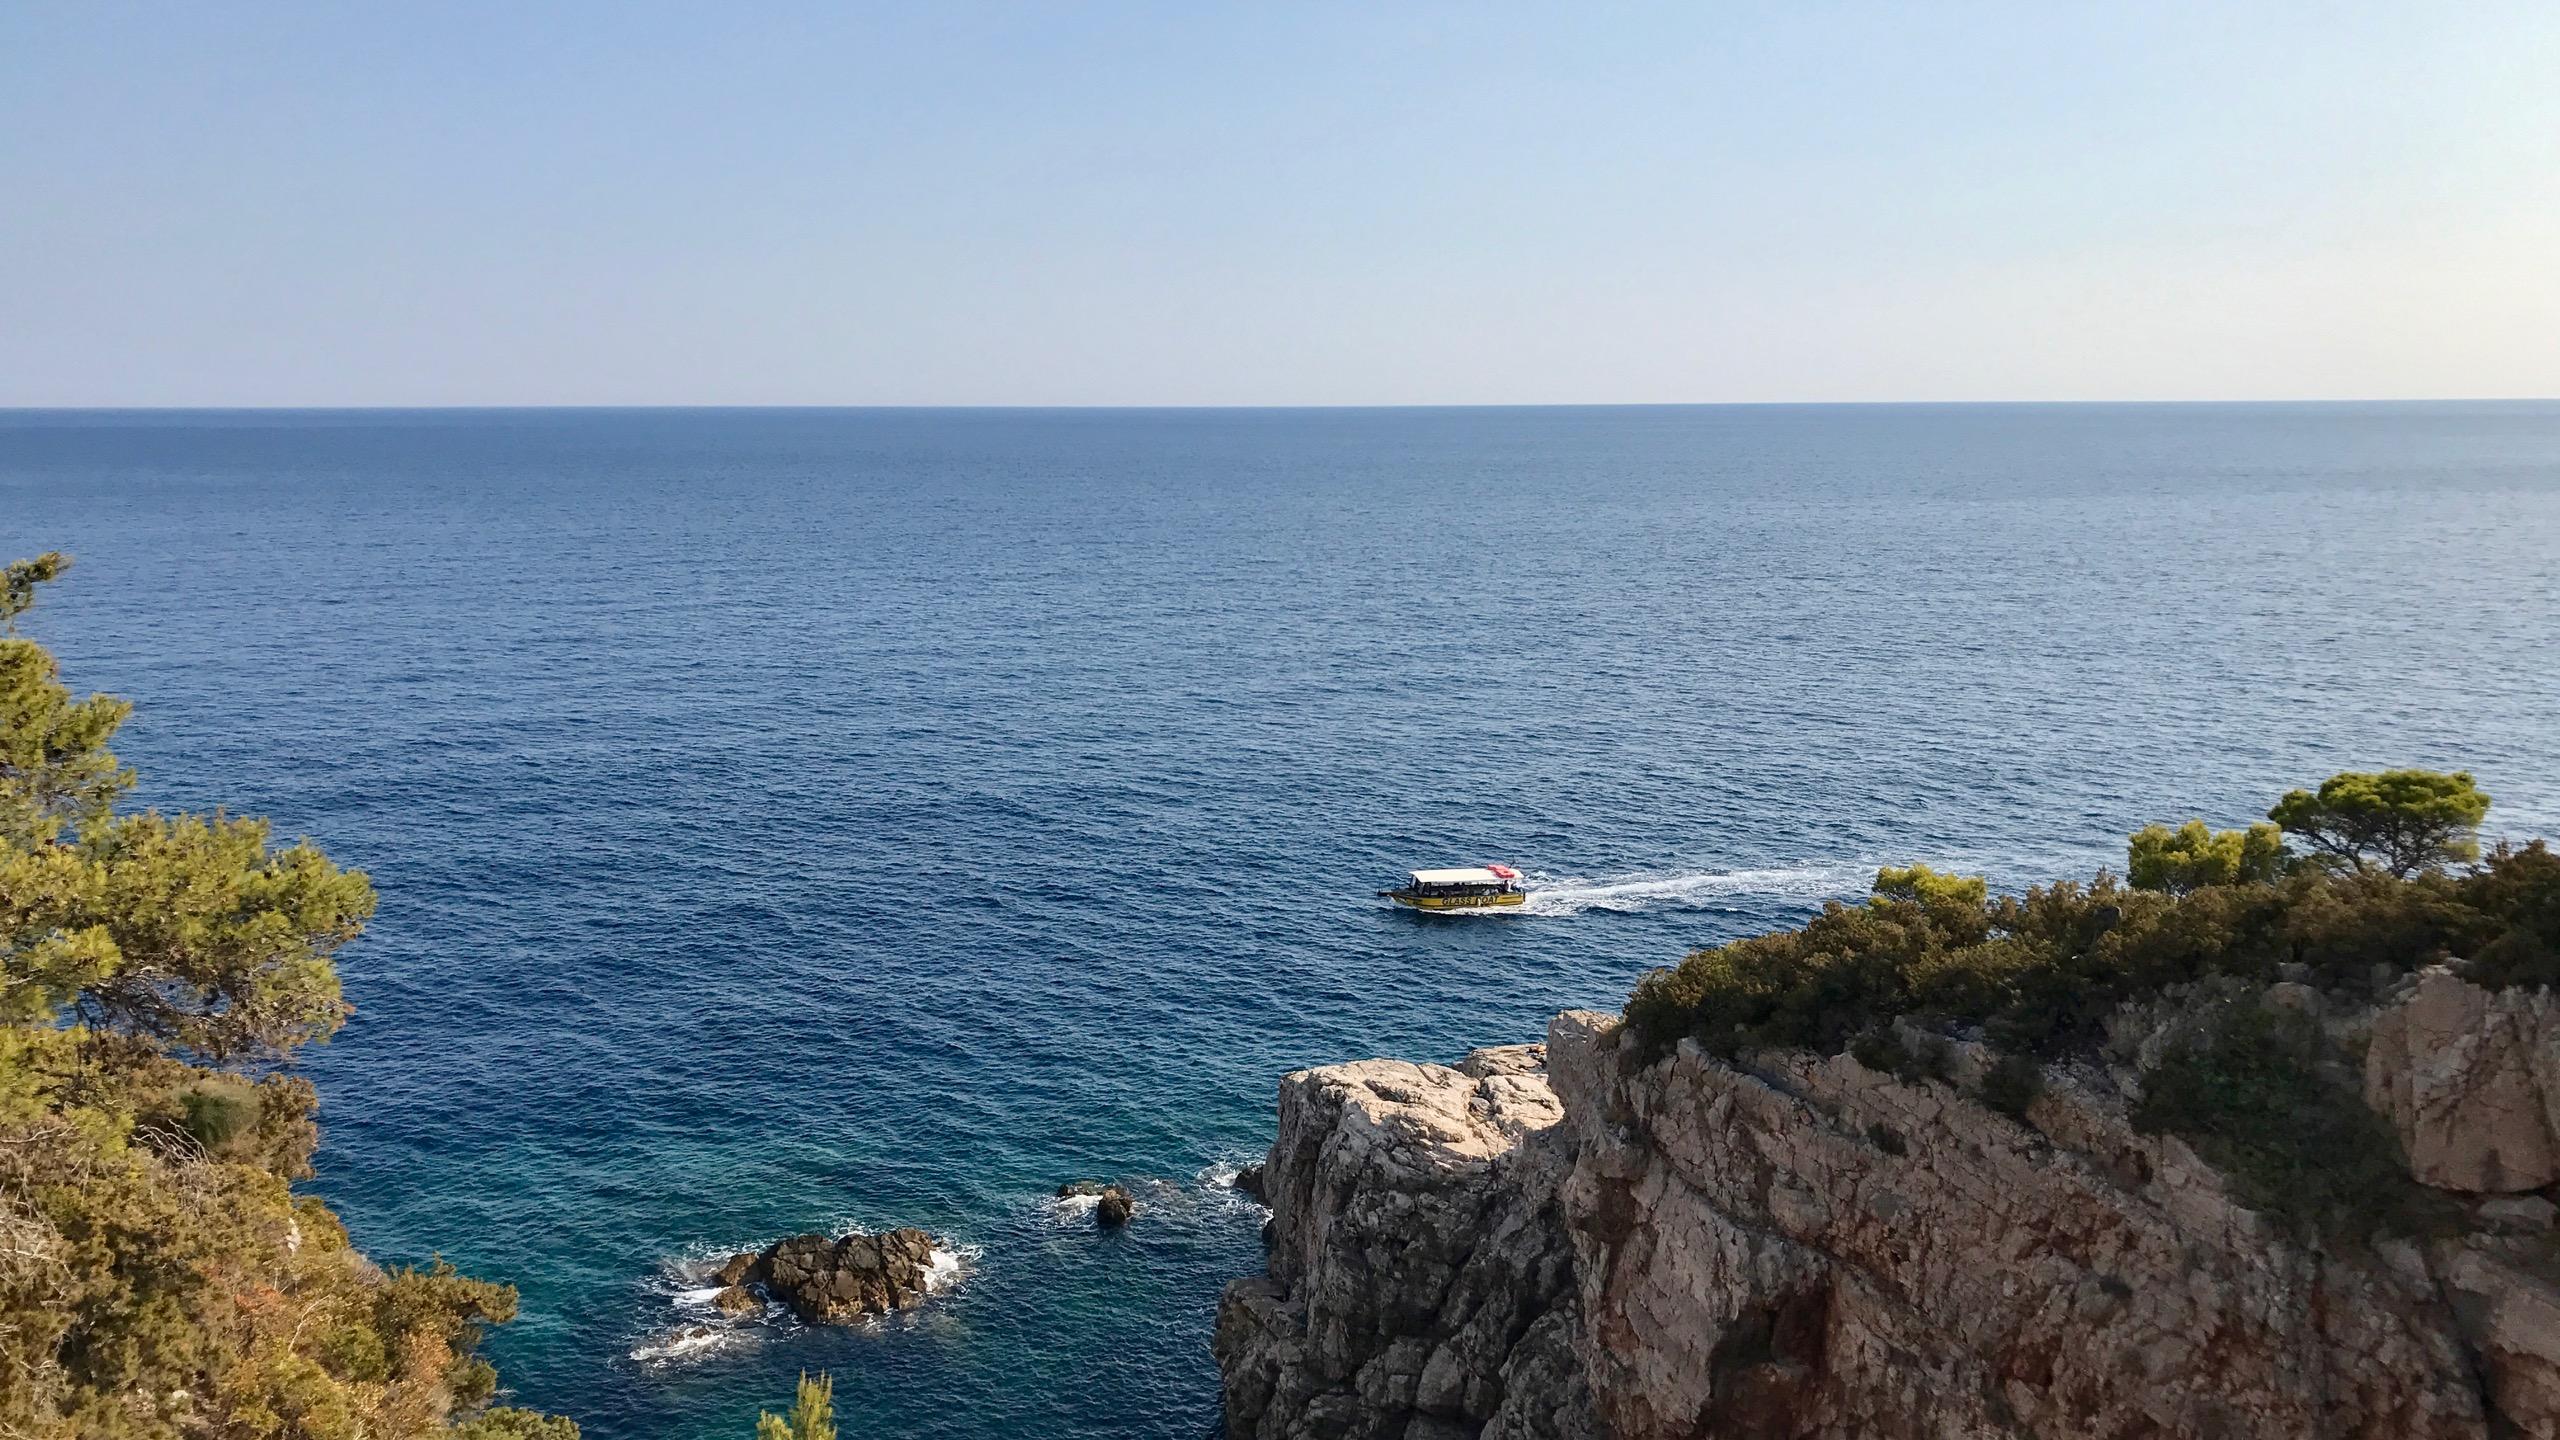 Natur Insel Lokrum unweit von Dubrovnik, steile Felsen in üppiger grüner Natur und die blaue Adria soweit das Auge reicht